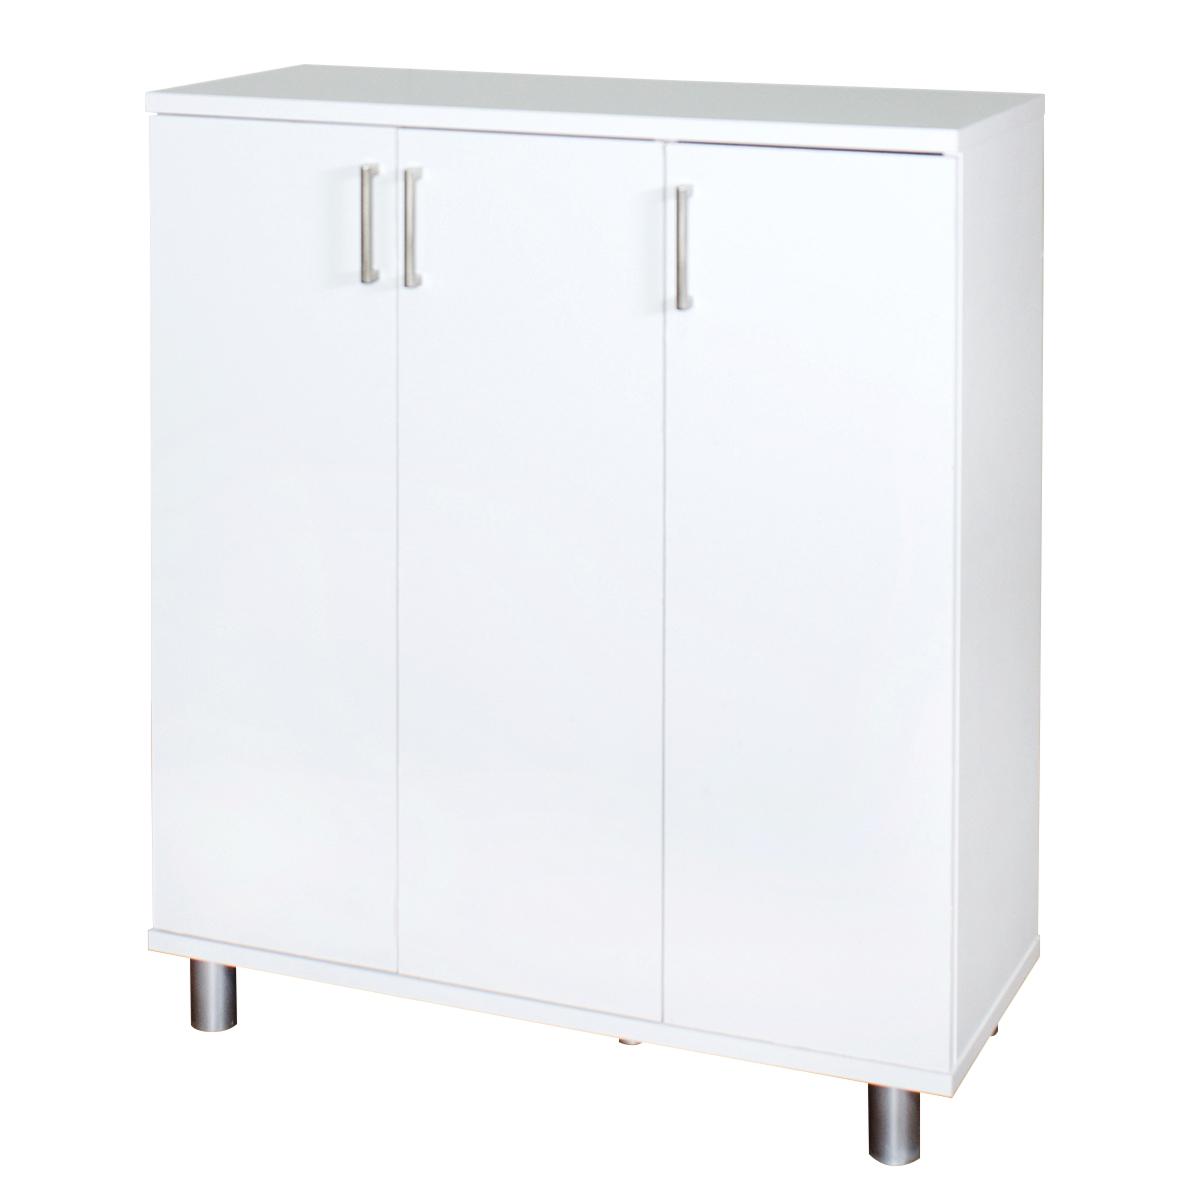 シューズボックス 下駄箱 玄関 シンプルでスッキリしたデザインの下駄箱・シューズラック。幅約90cm、ホワイト・白。幅878×奥行353×高さ994mm